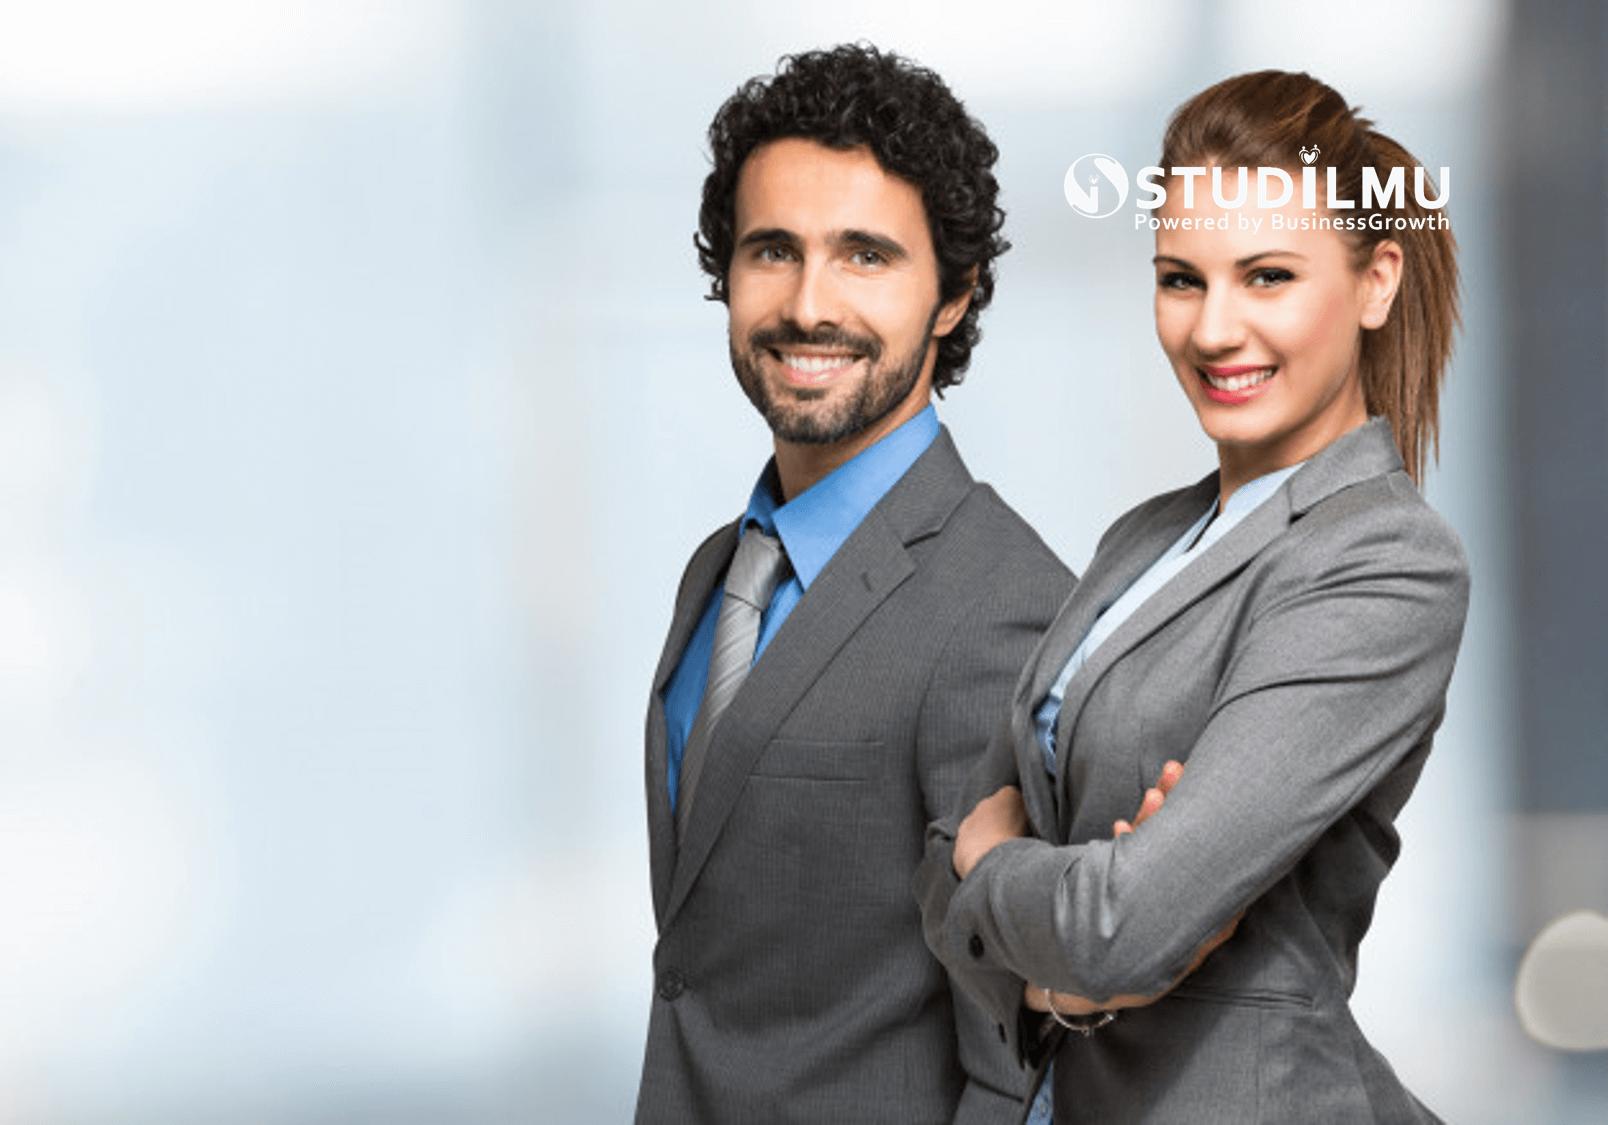 STUDILMU Career Advice - 5 Kualitas Pengusaha Sukses